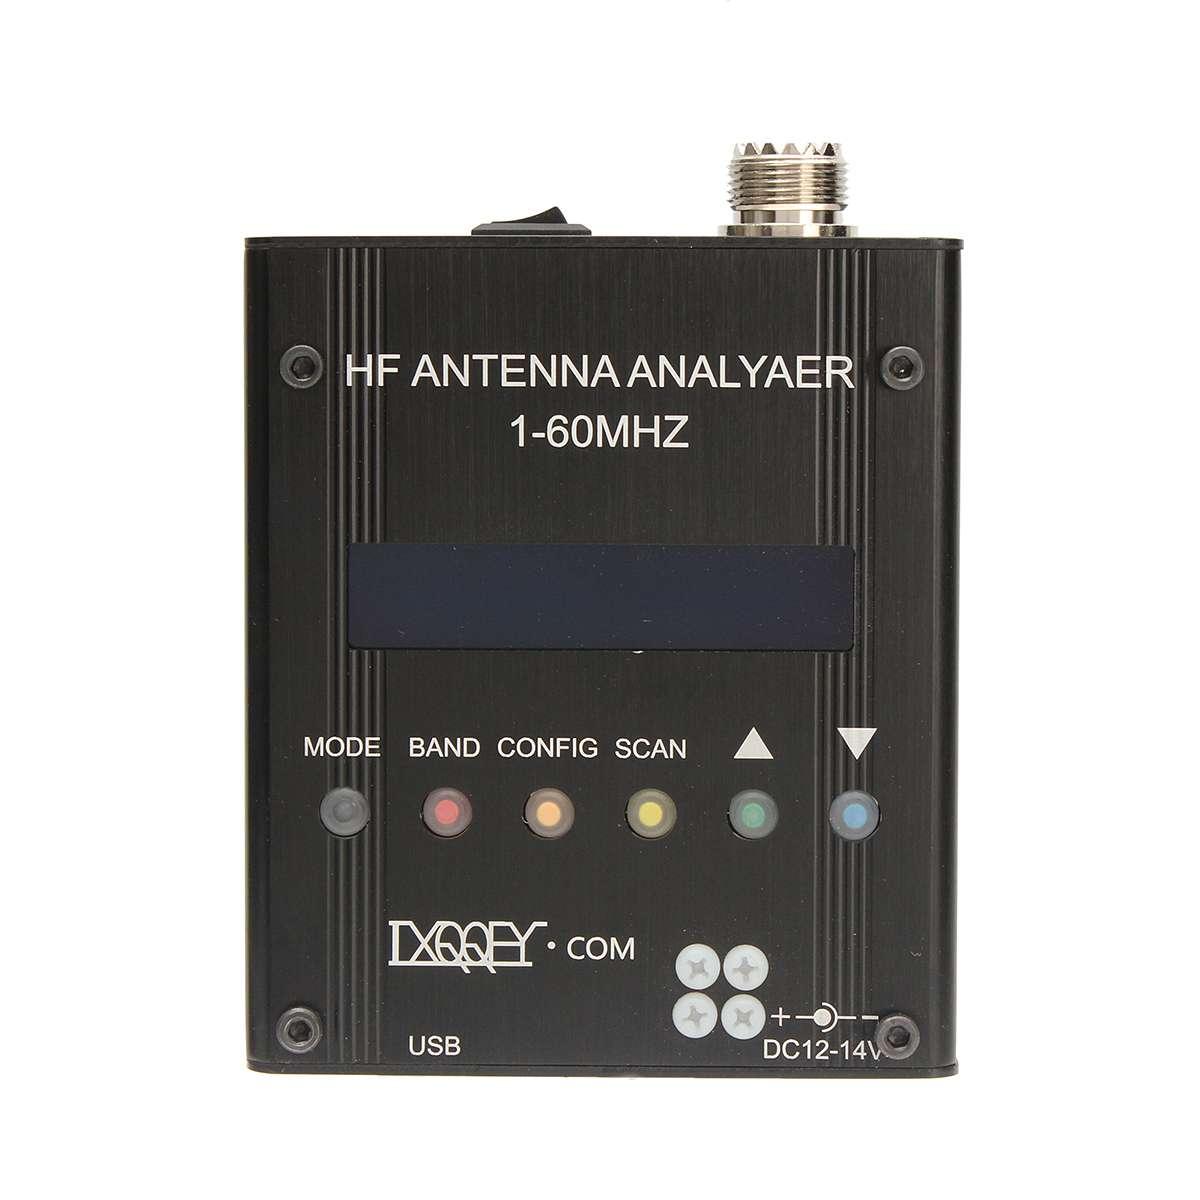 Testeur de compteur d'analyseur d'antenne à ondes courtes MR300 numérique 1-60M pour testeur d'analyseur d'antenne de mètre de haute précision de Radio de jambon